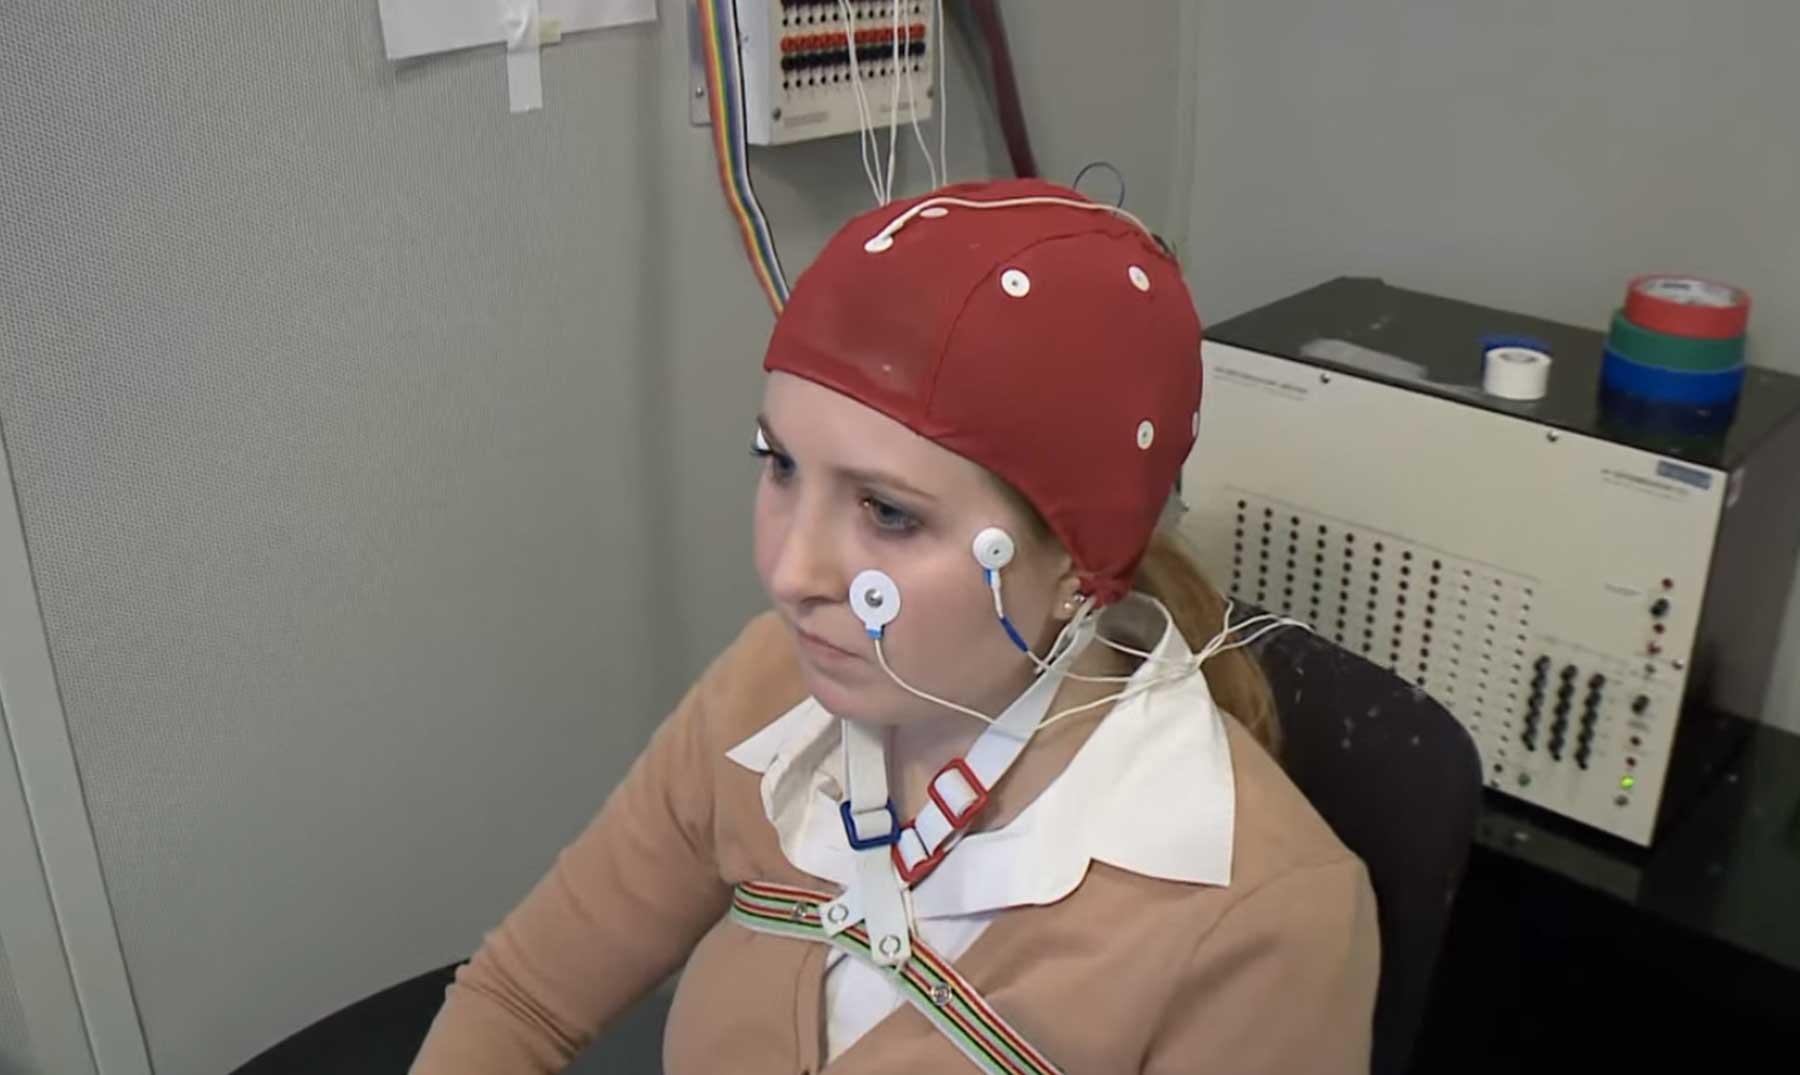 Inventan un dispositivo para pensar y aprender más rápido